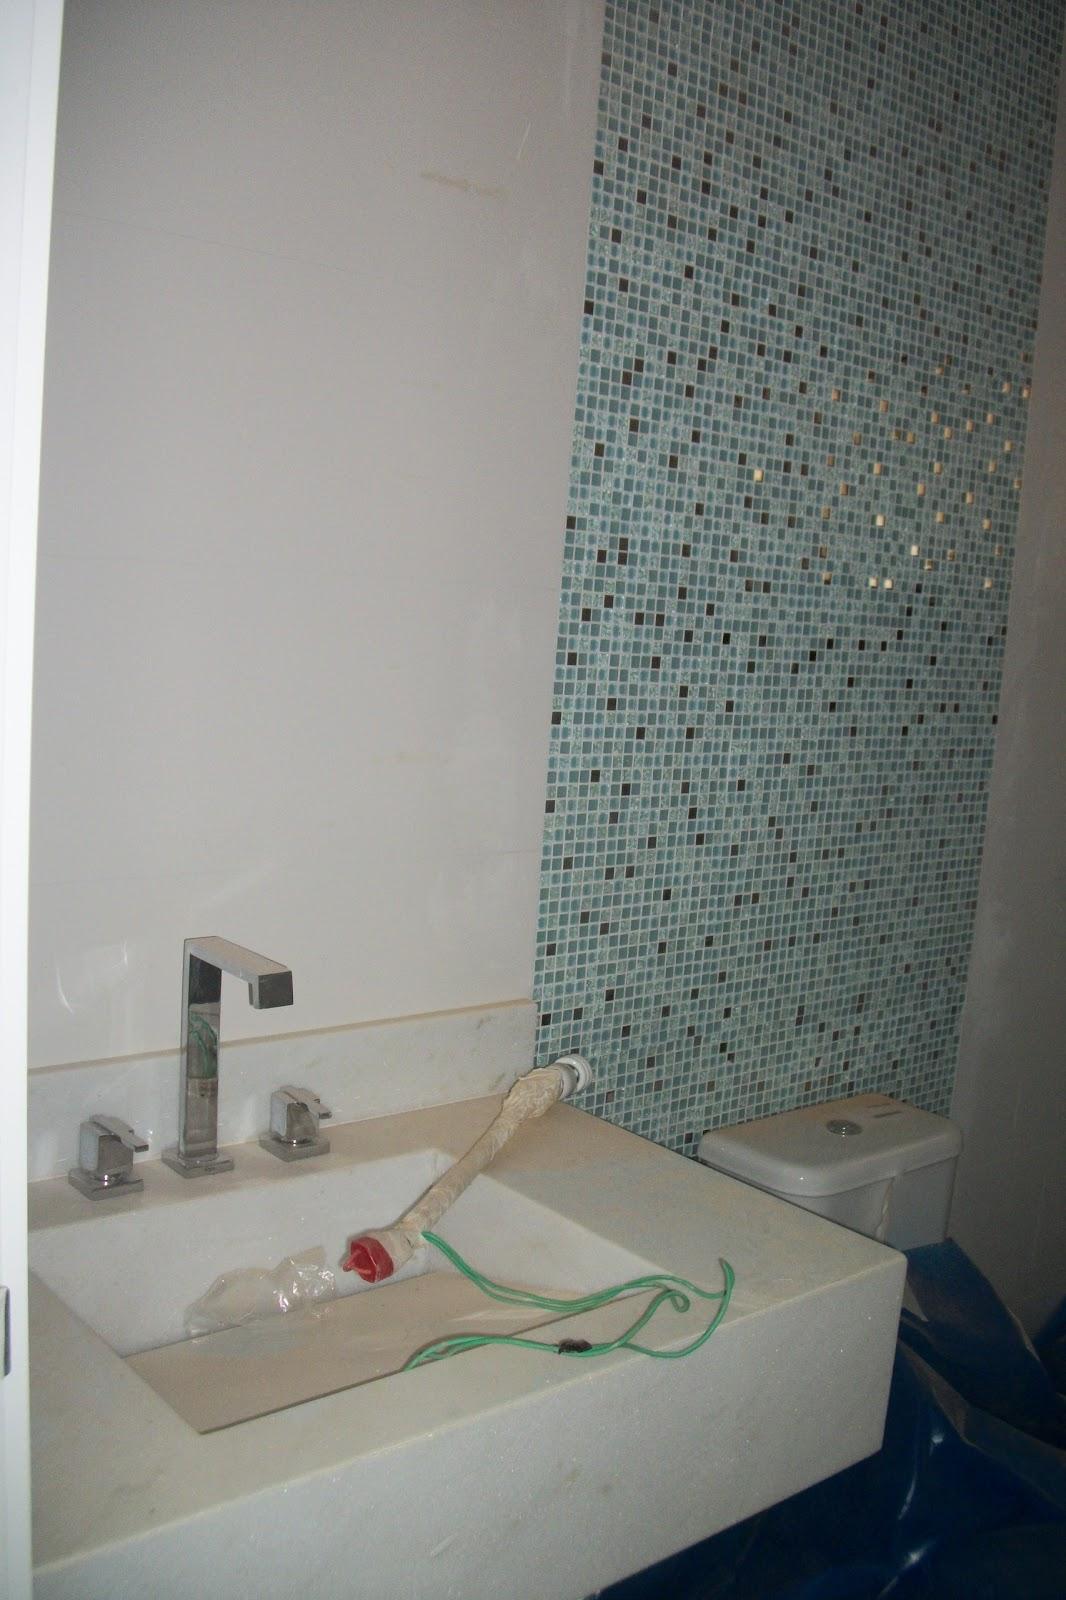 Imagens de #5F4E48 Karina Lapezack Interiores 1066x1600 px 3698 Banheiros Prontos Fotos